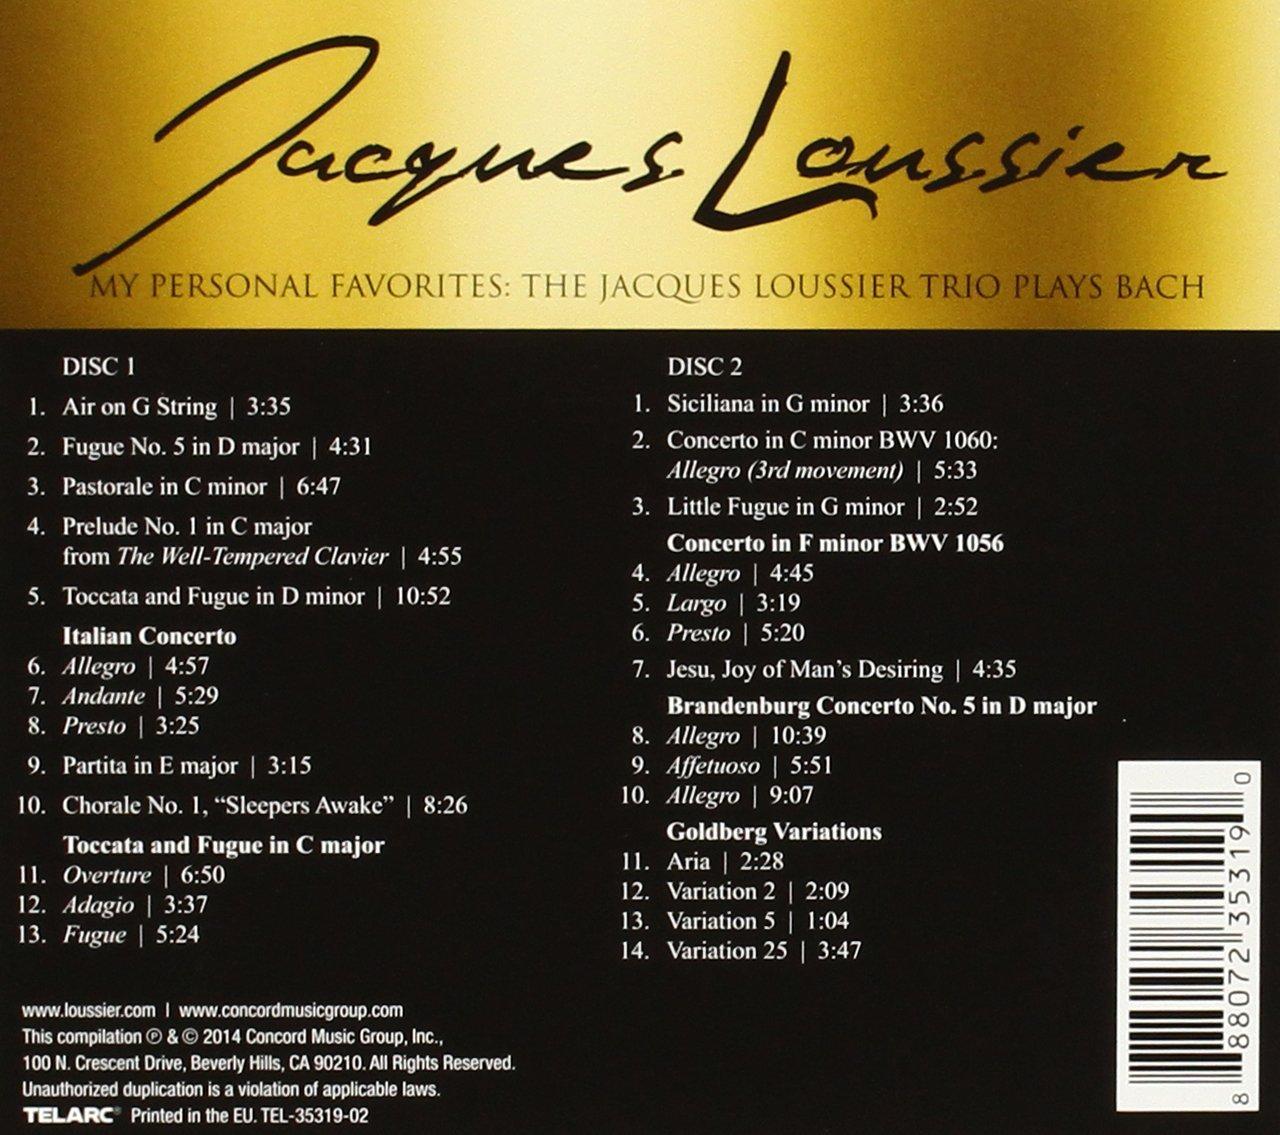 My Personal Favorites: The Jacques Loussier Trio Plays Bach: Jacques Loussier: Amazon.es: Música